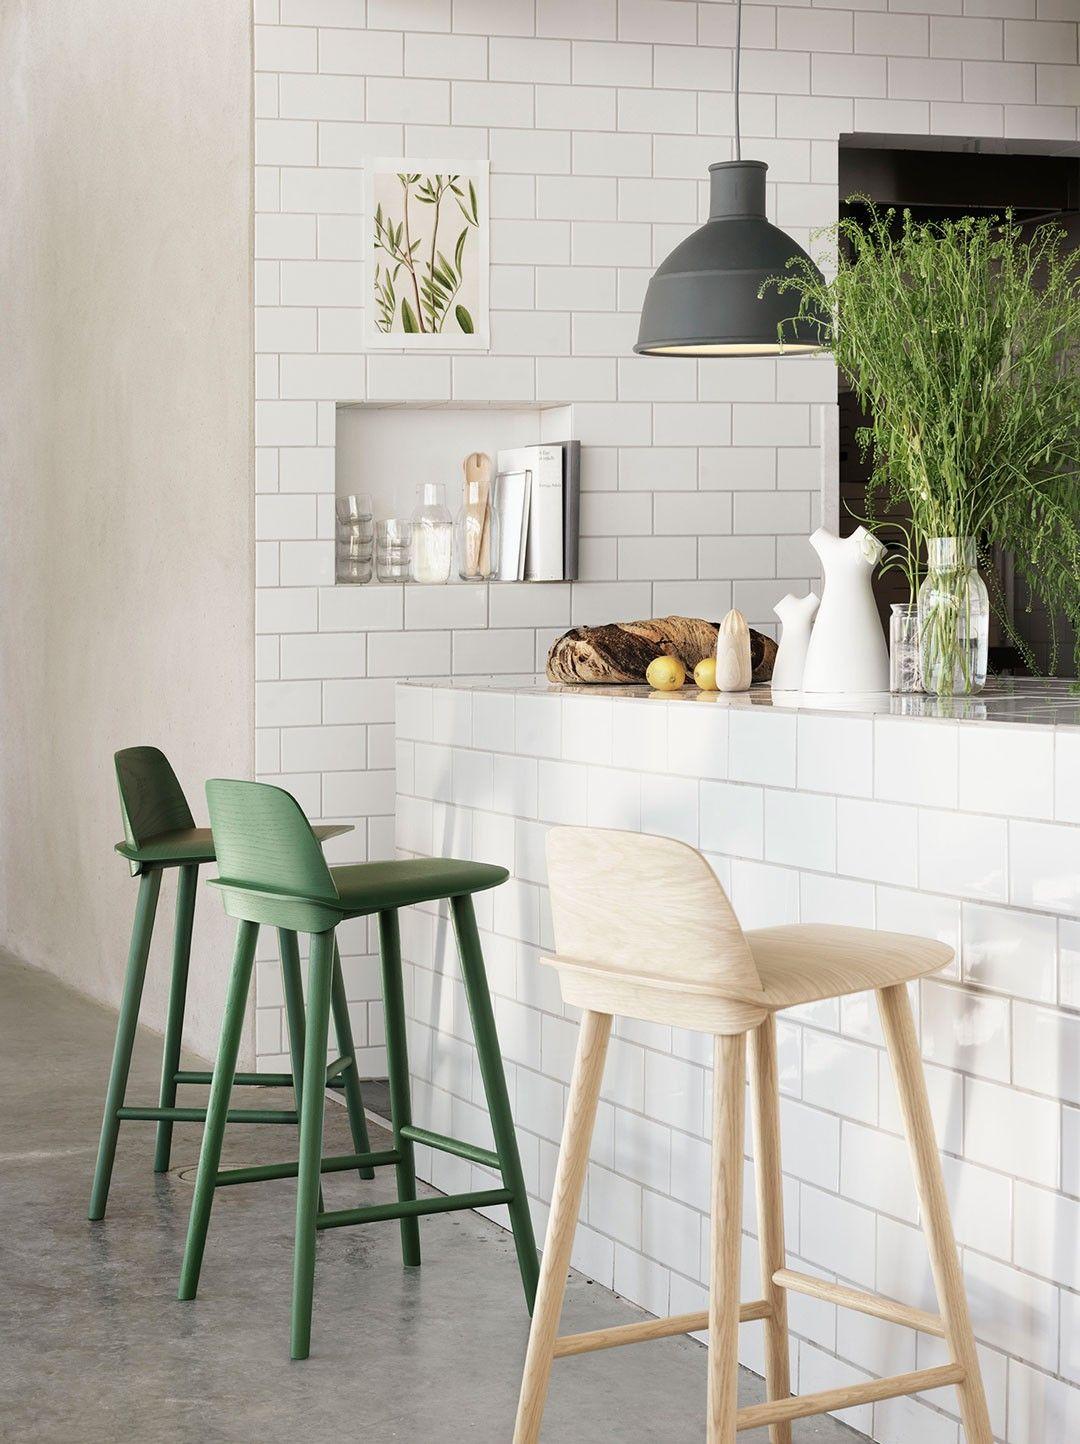 Taburete Nerd - Taburetes - COMEDOR - Muebles de Diseño | my kind of ...